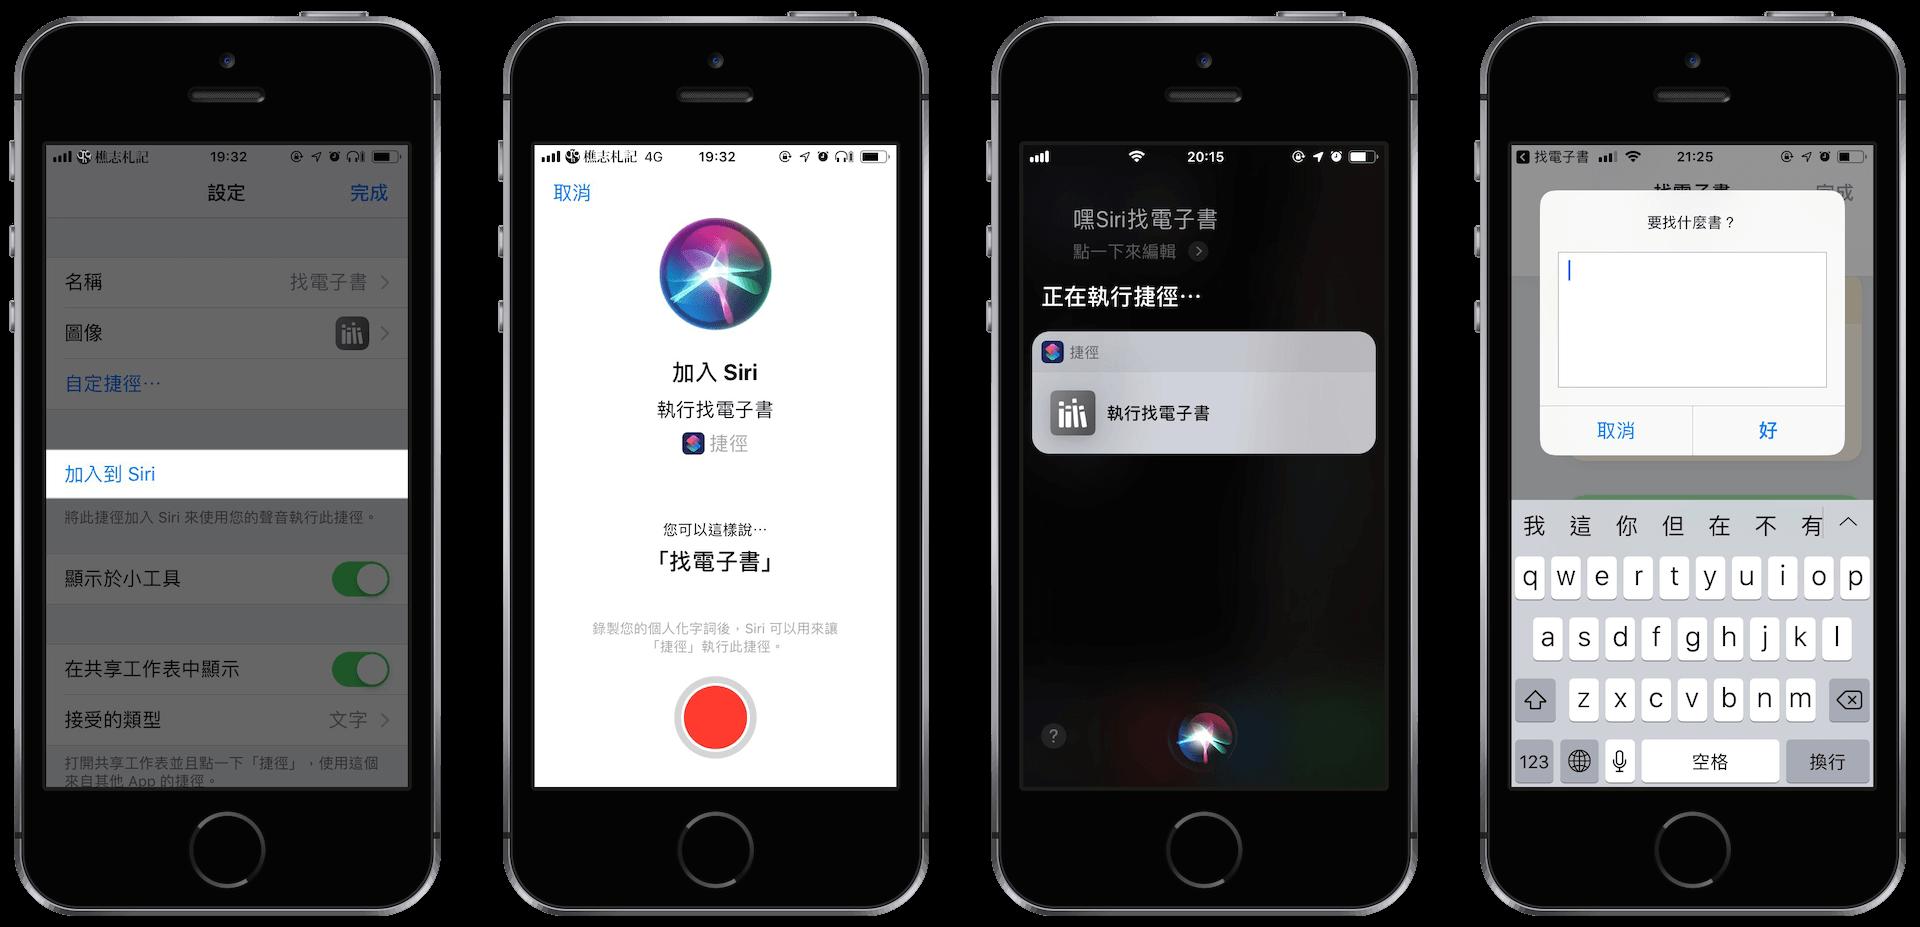 圖說:將捷徑加入到Siri,就可以聲控了。